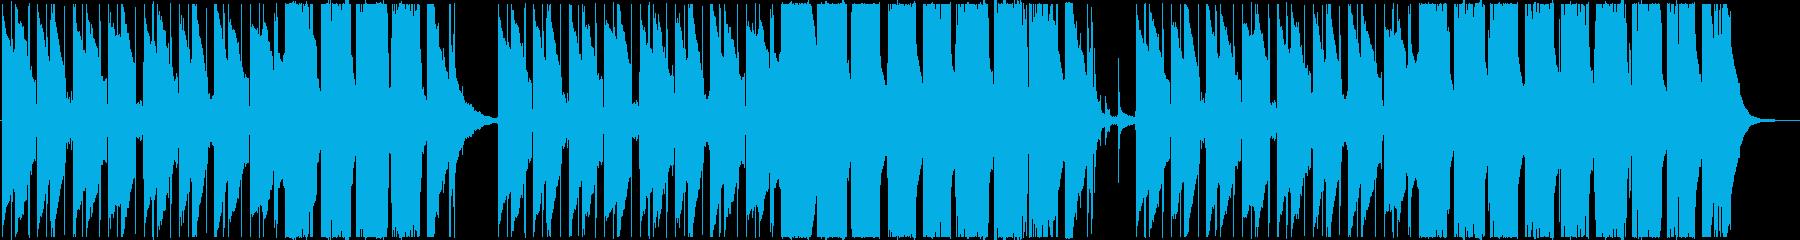 アジアンテイストのあるトラップの再生済みの波形